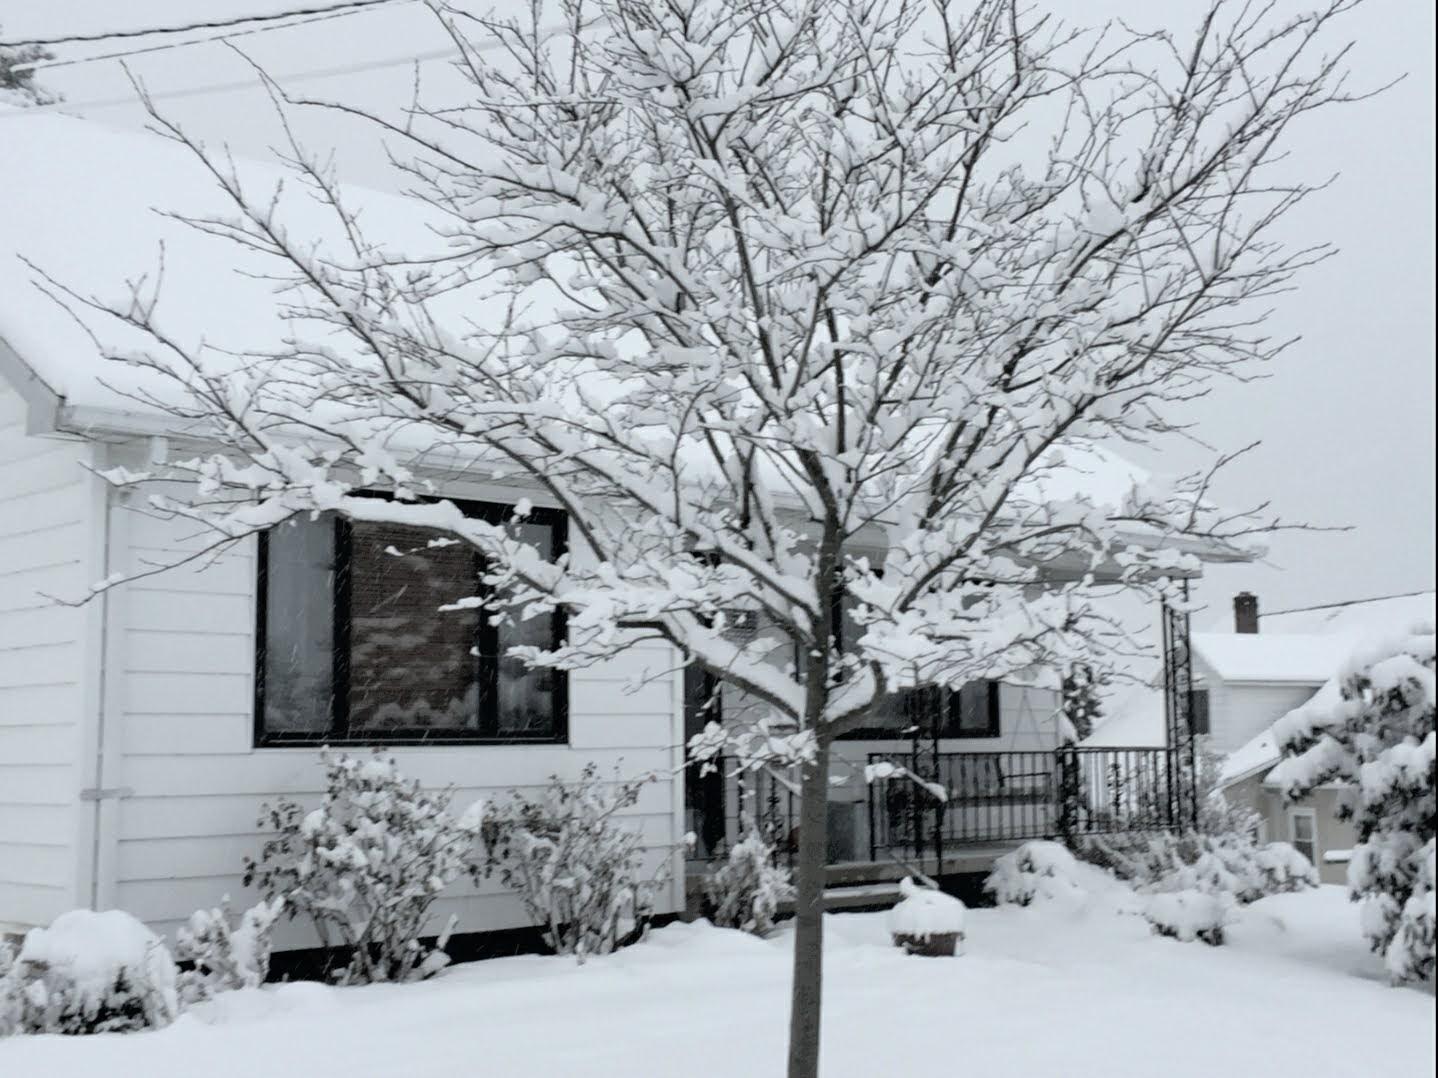 Jan 18 2020 snowy view